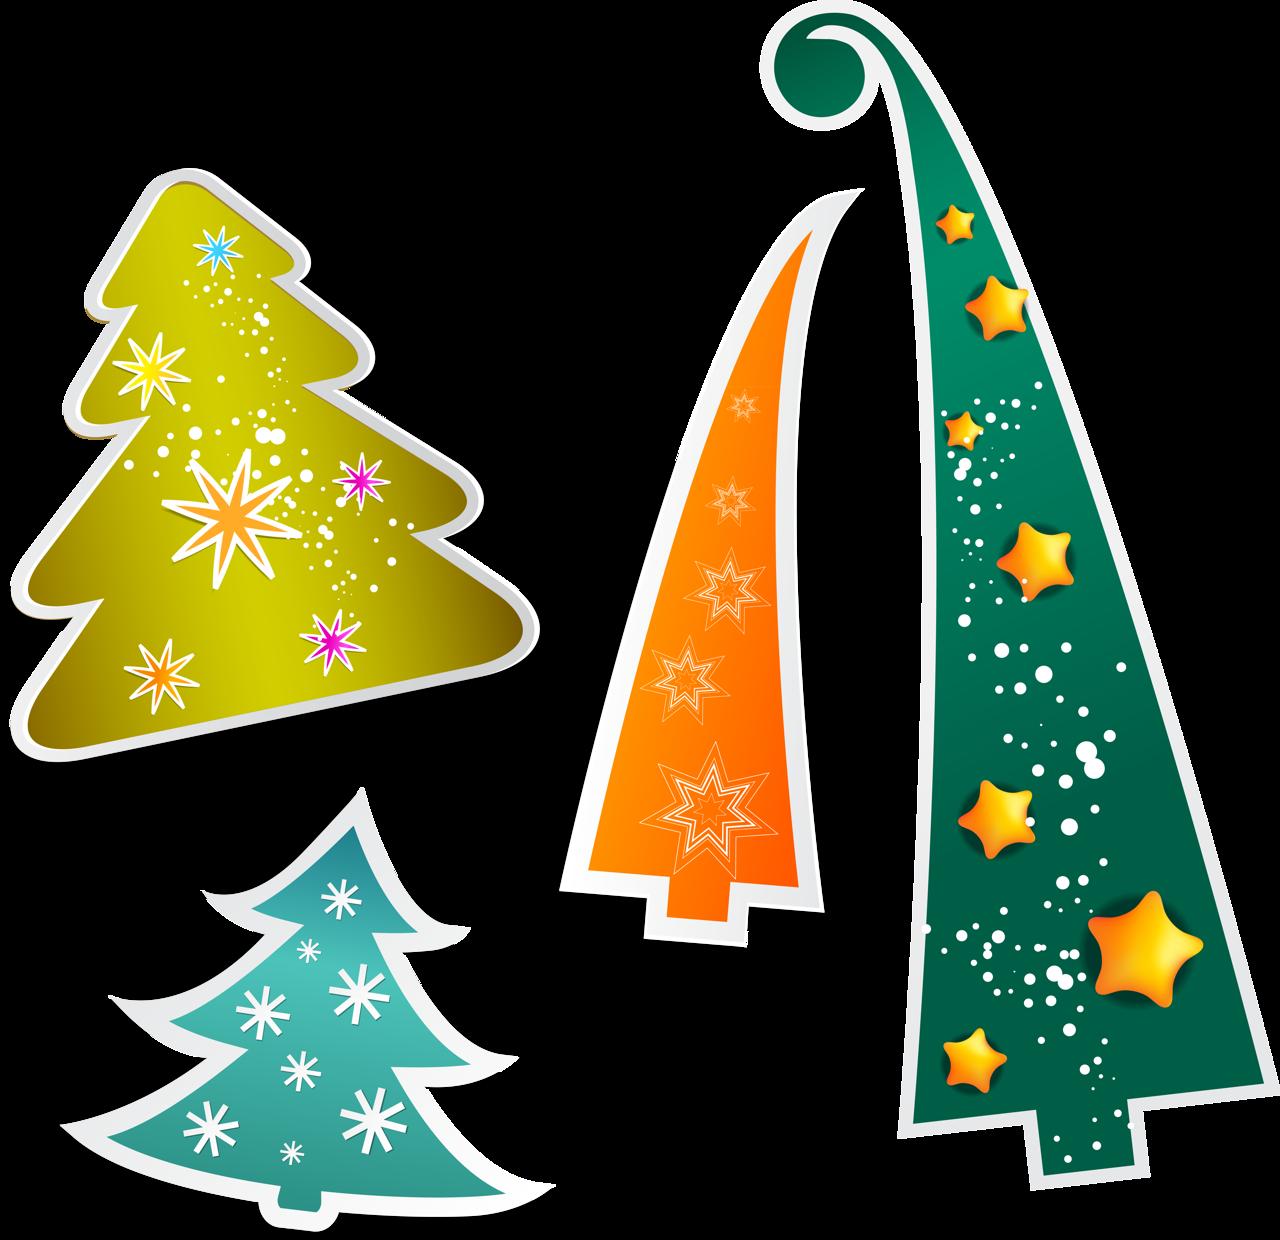 幼儿剪贴画; ◆ 新年剪贴画 png的 ◆;